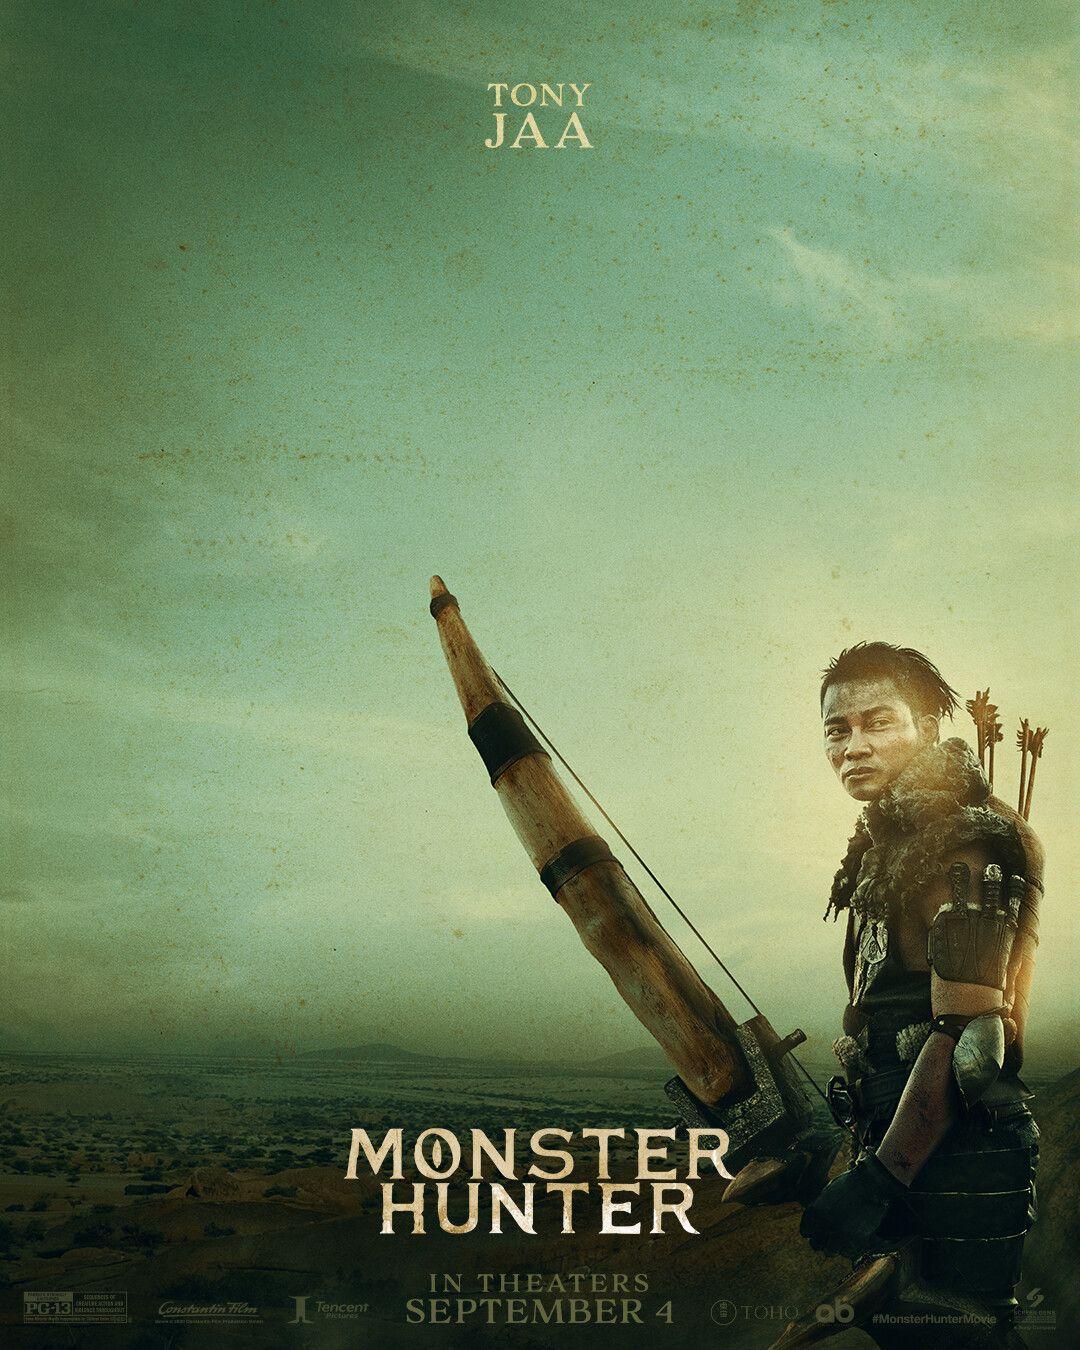 Monsterhunter Millajovovich Tonyjaa Ti Ronperlman Diegoboneta In 2020 Tony Jaa Hunter Movie Monster Hunter